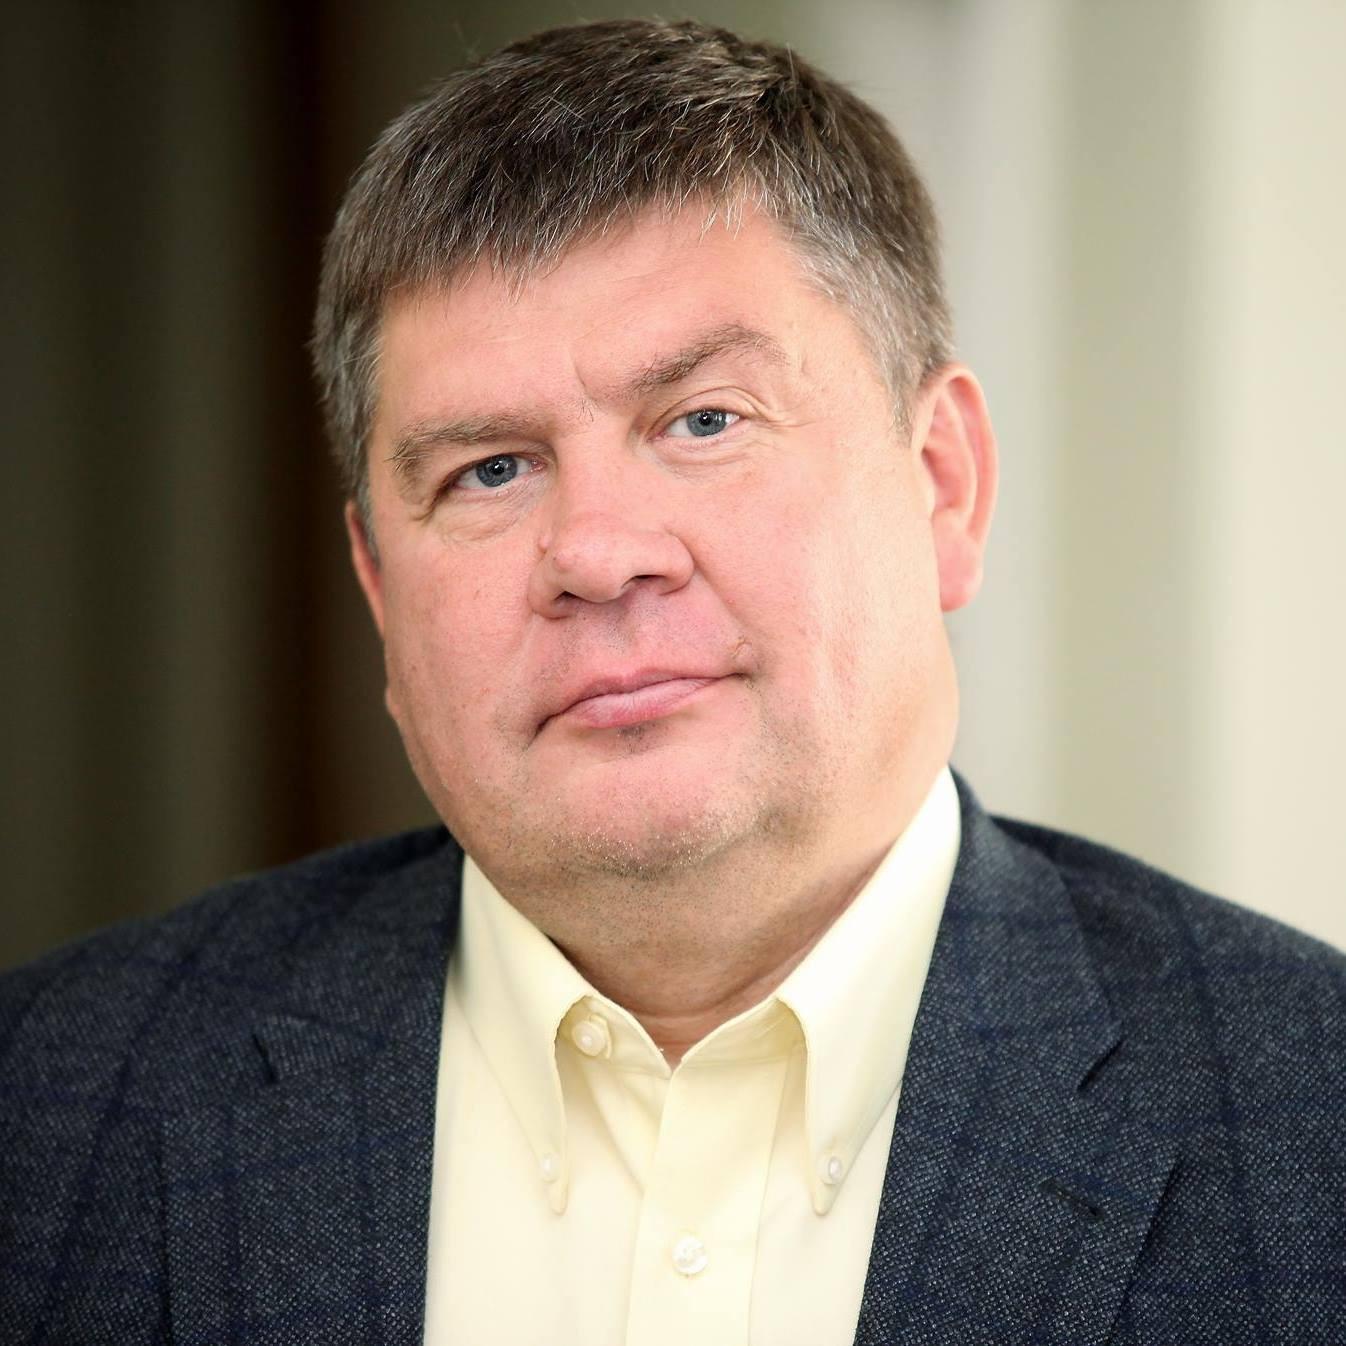 Latvijas Hokeja federācijas prezidents Aegars Kalvītis sacīja, ka lēmums par skatītājiem tiks pieņemts aprīlī.  © Facebook